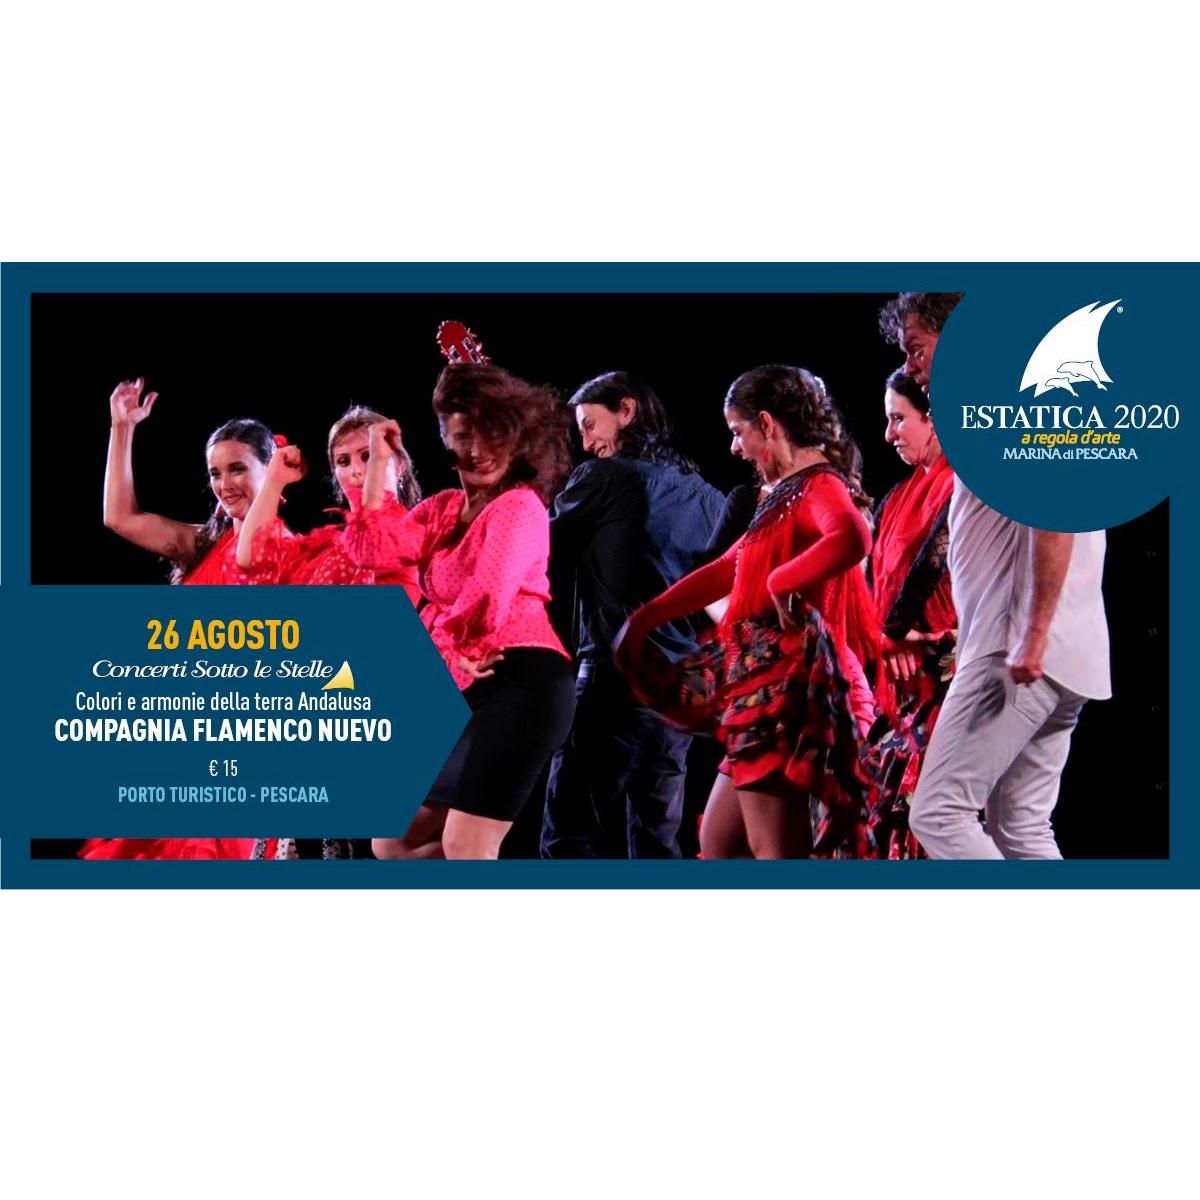 Compagnia Flamenco Nuevo a Pescara il 26 agosto 2020 foto